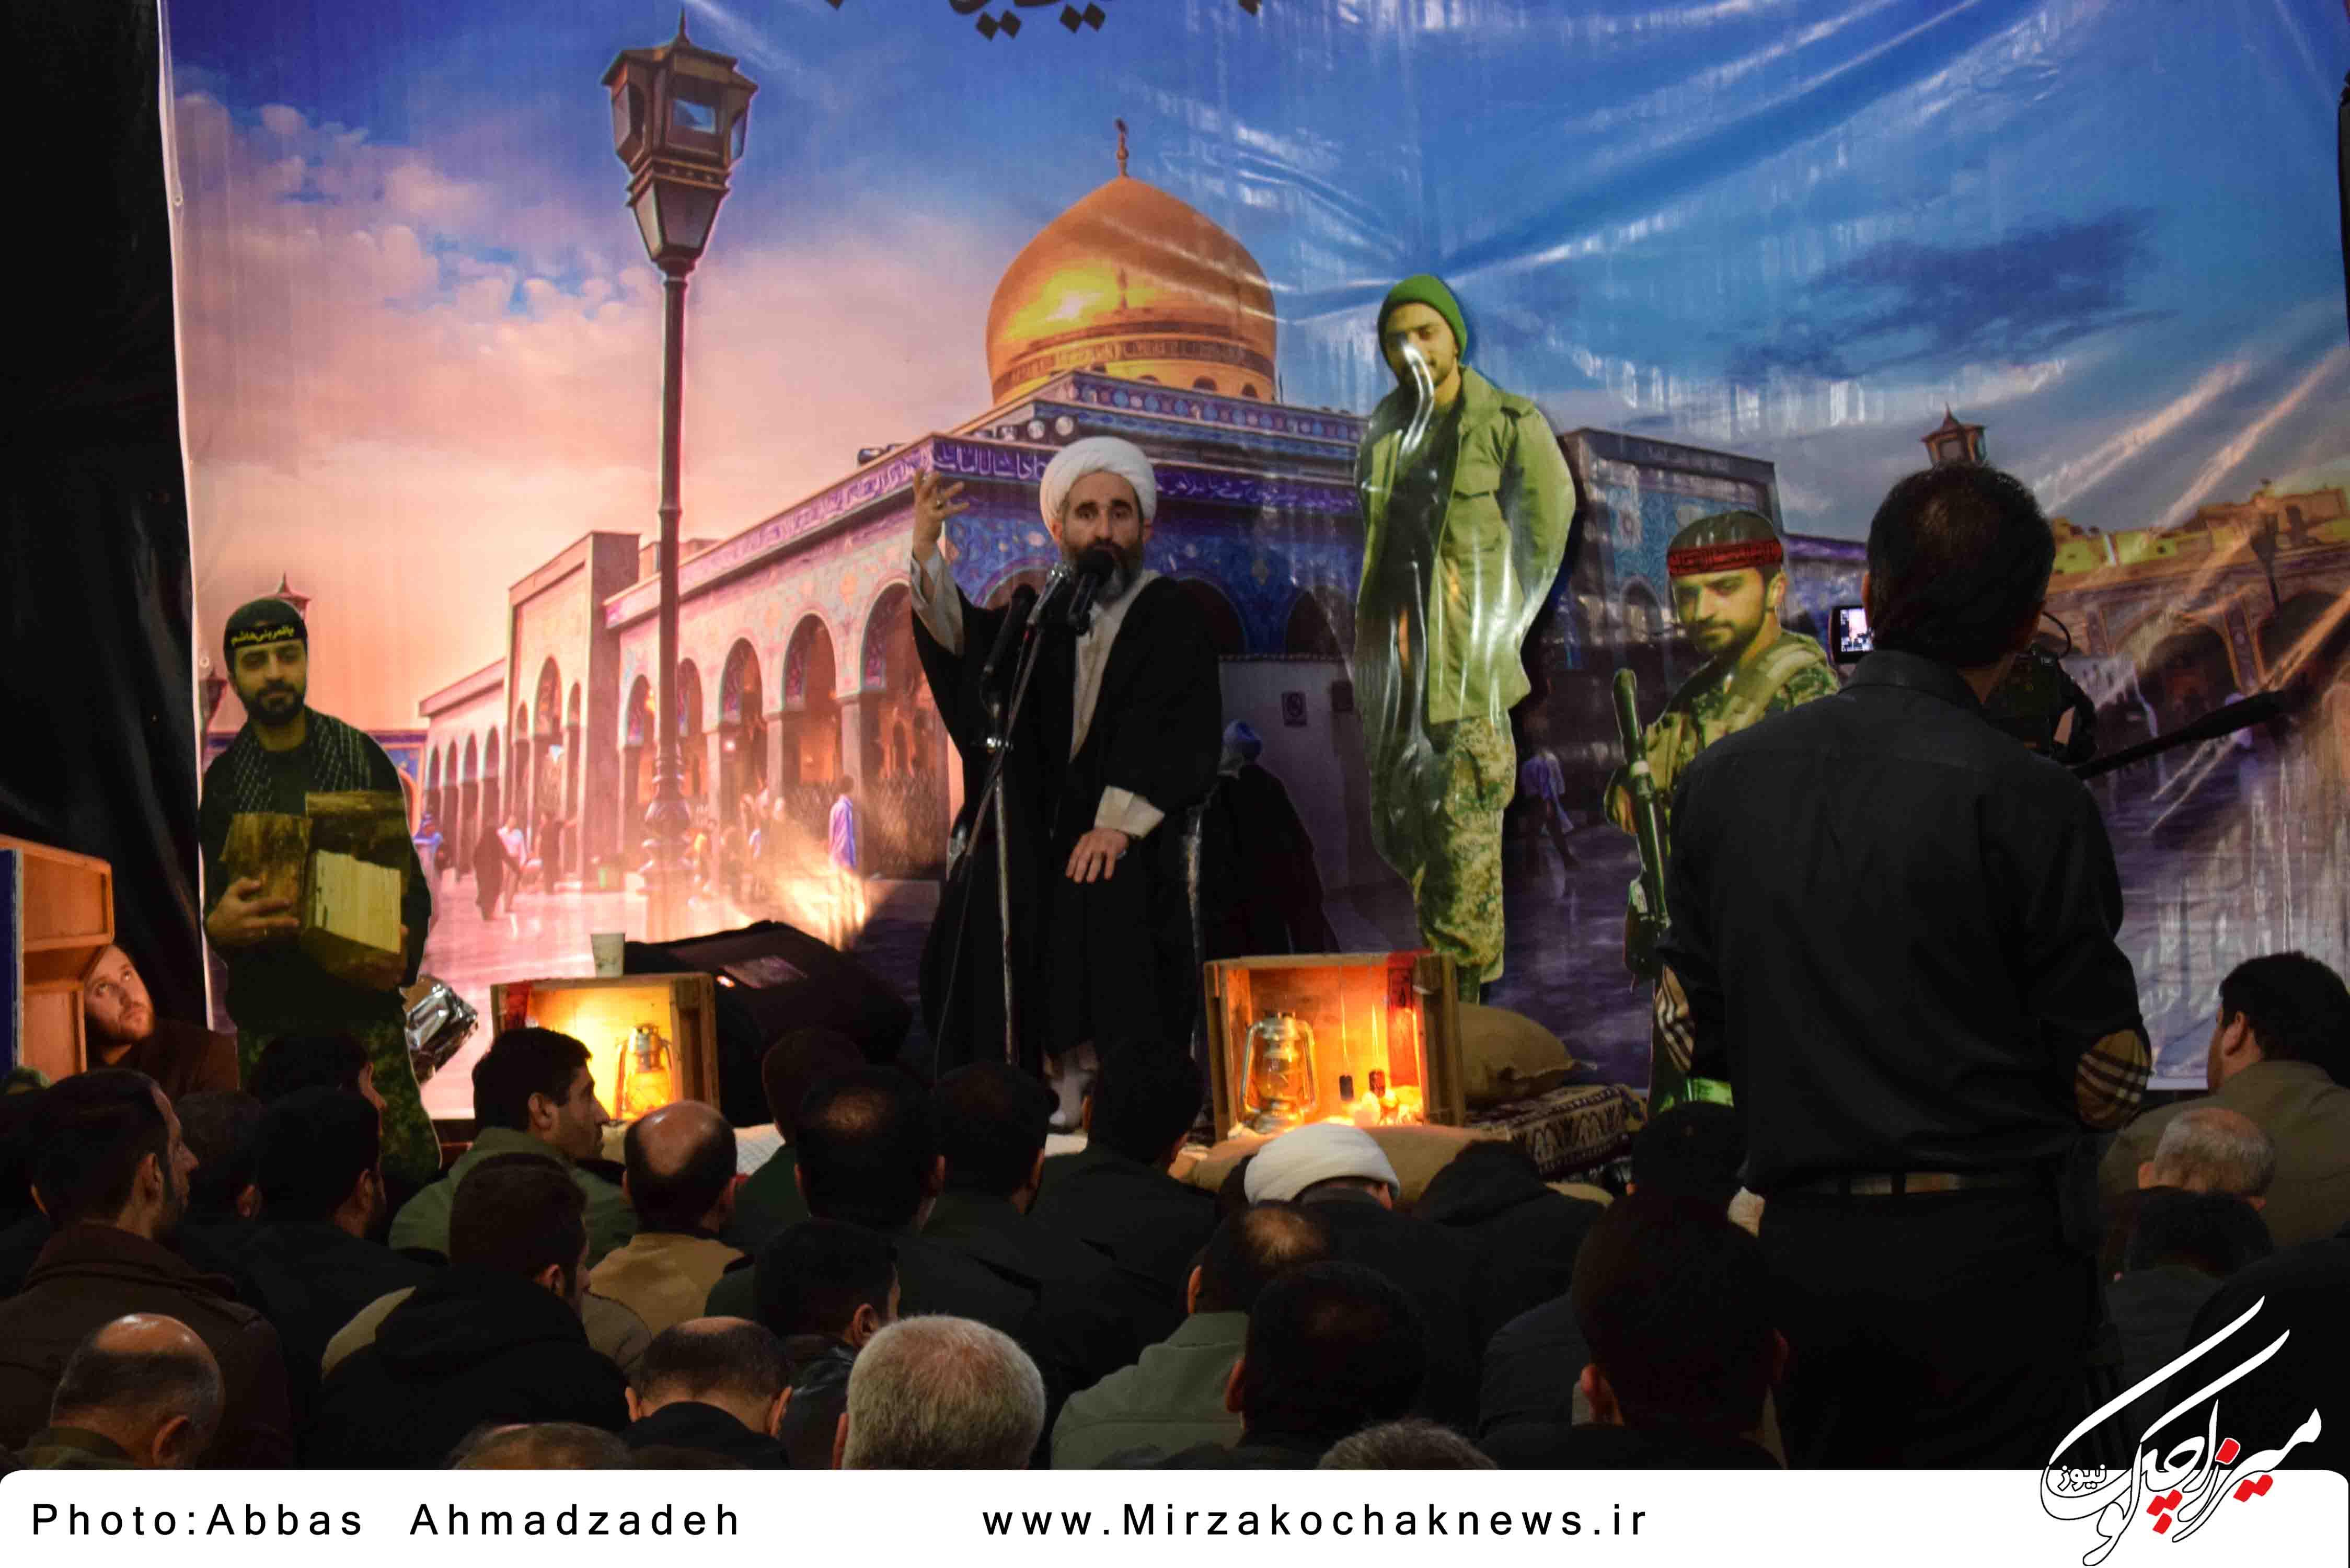 مراسم هفتم شهید مدافع حرم محمد اتابه در قاب تصویر